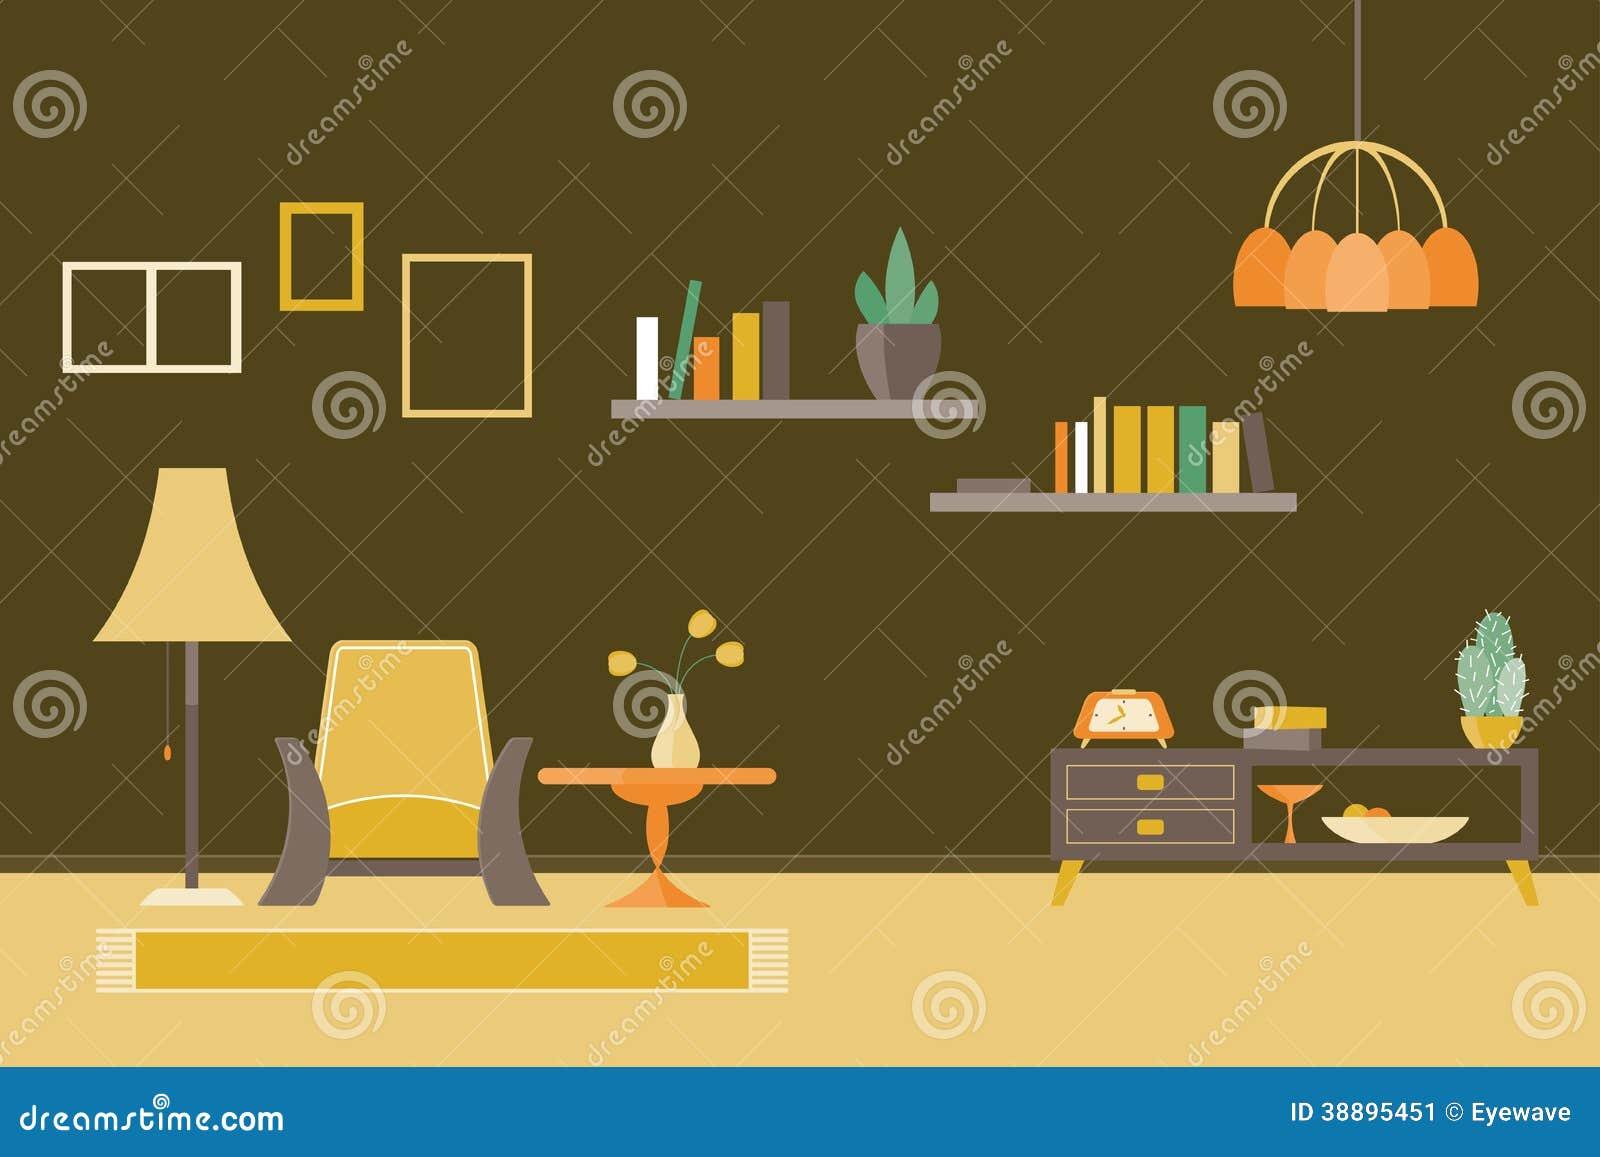 1950s Design Flat Illustration Living Room Scene Vector